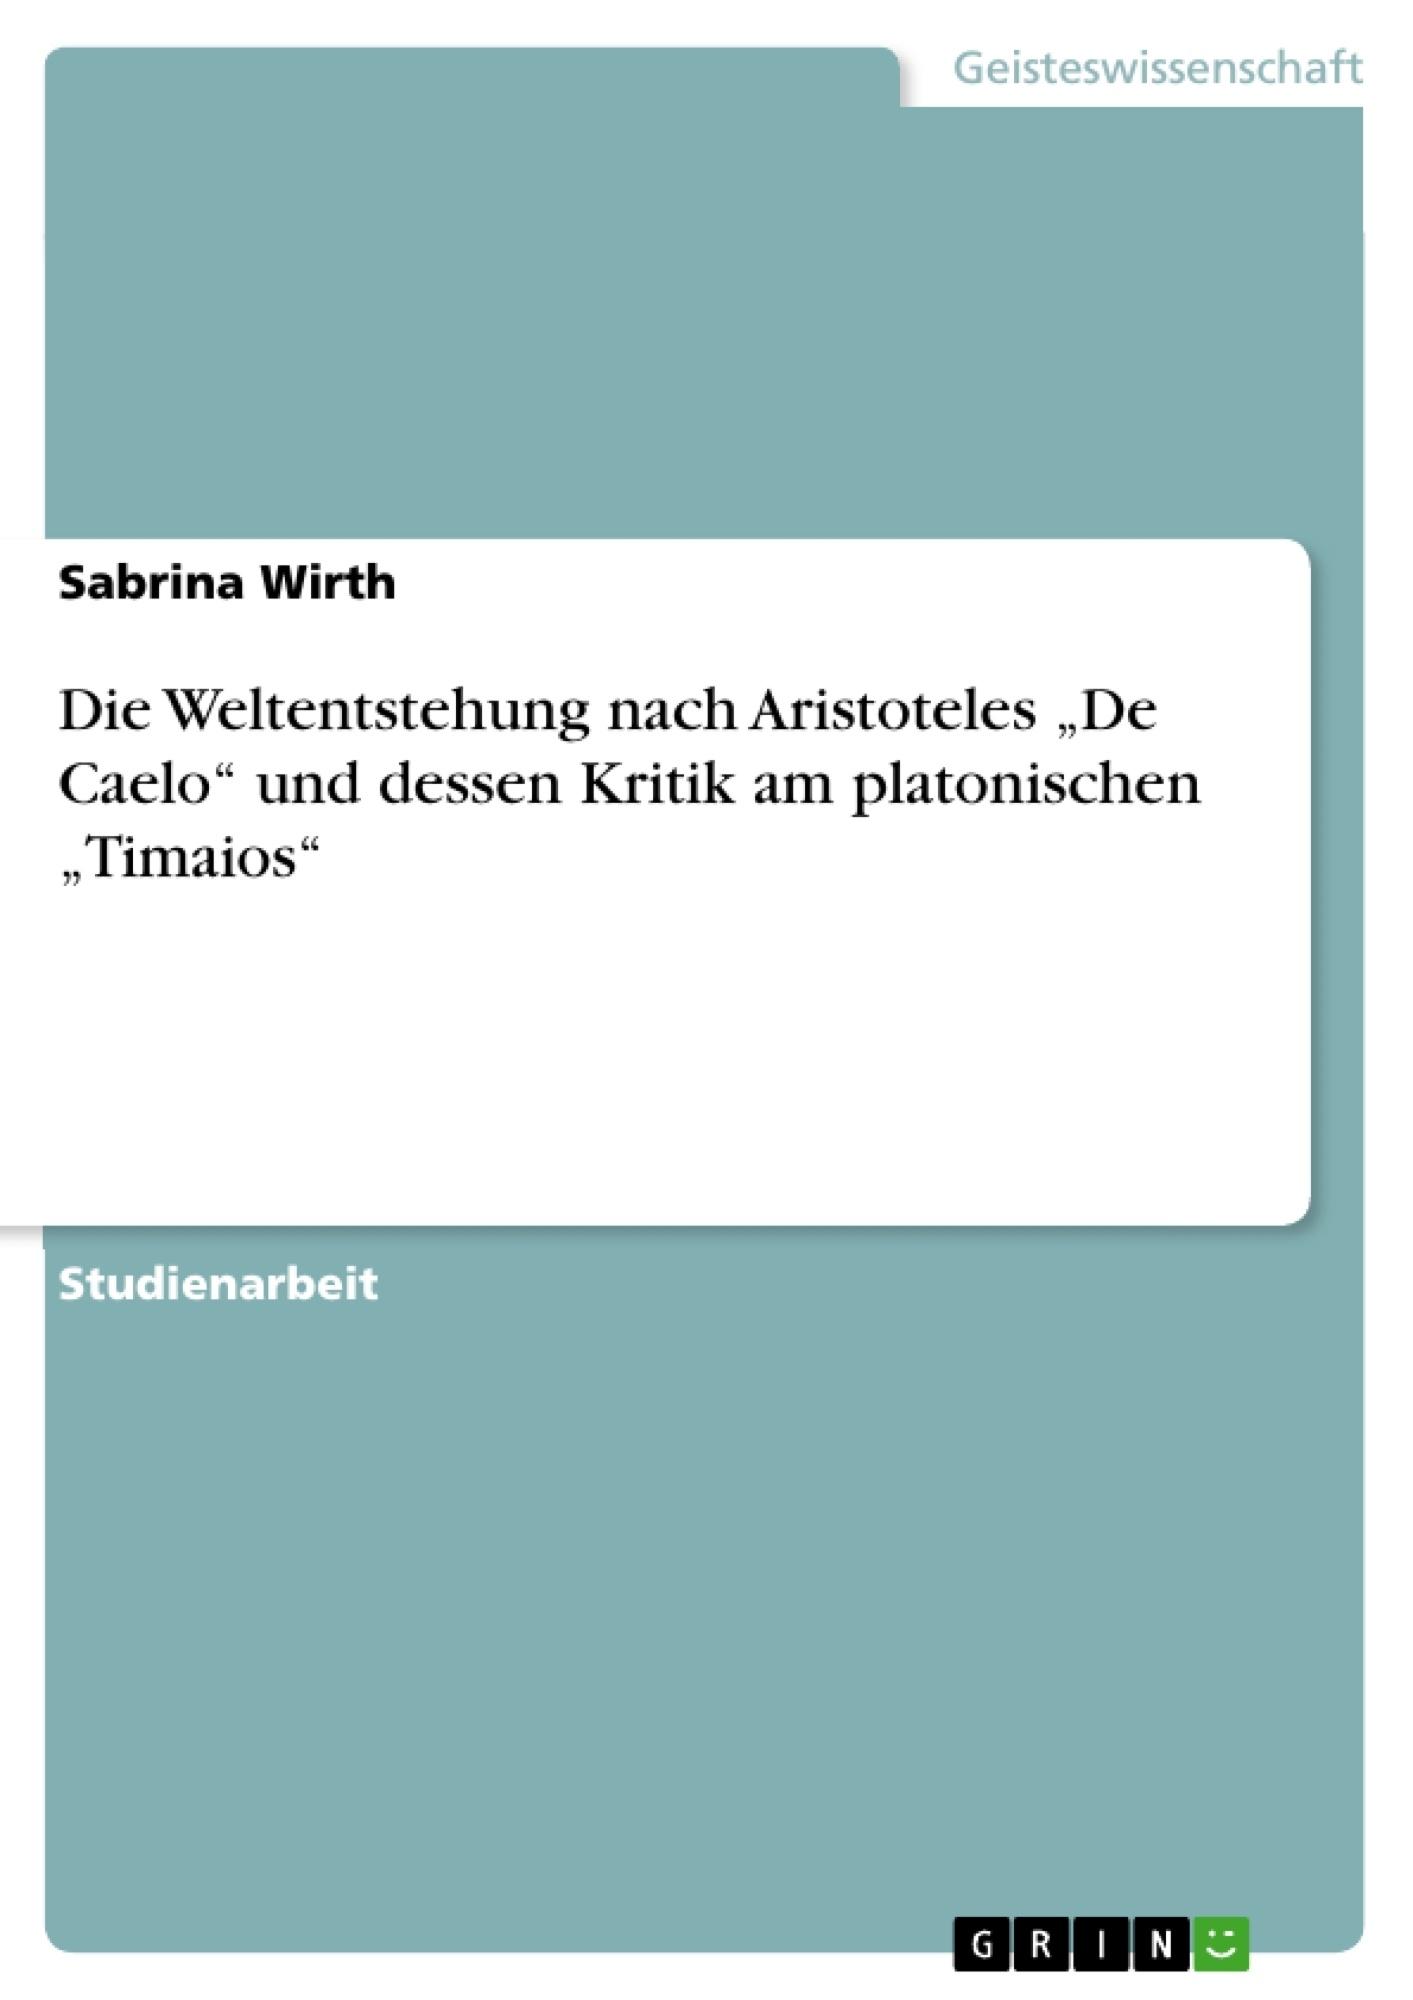 """Titel: Die Weltentstehung nach Aristoteles """"De Caelo"""" und dessen Kritik am platonischen """"Timaios"""""""